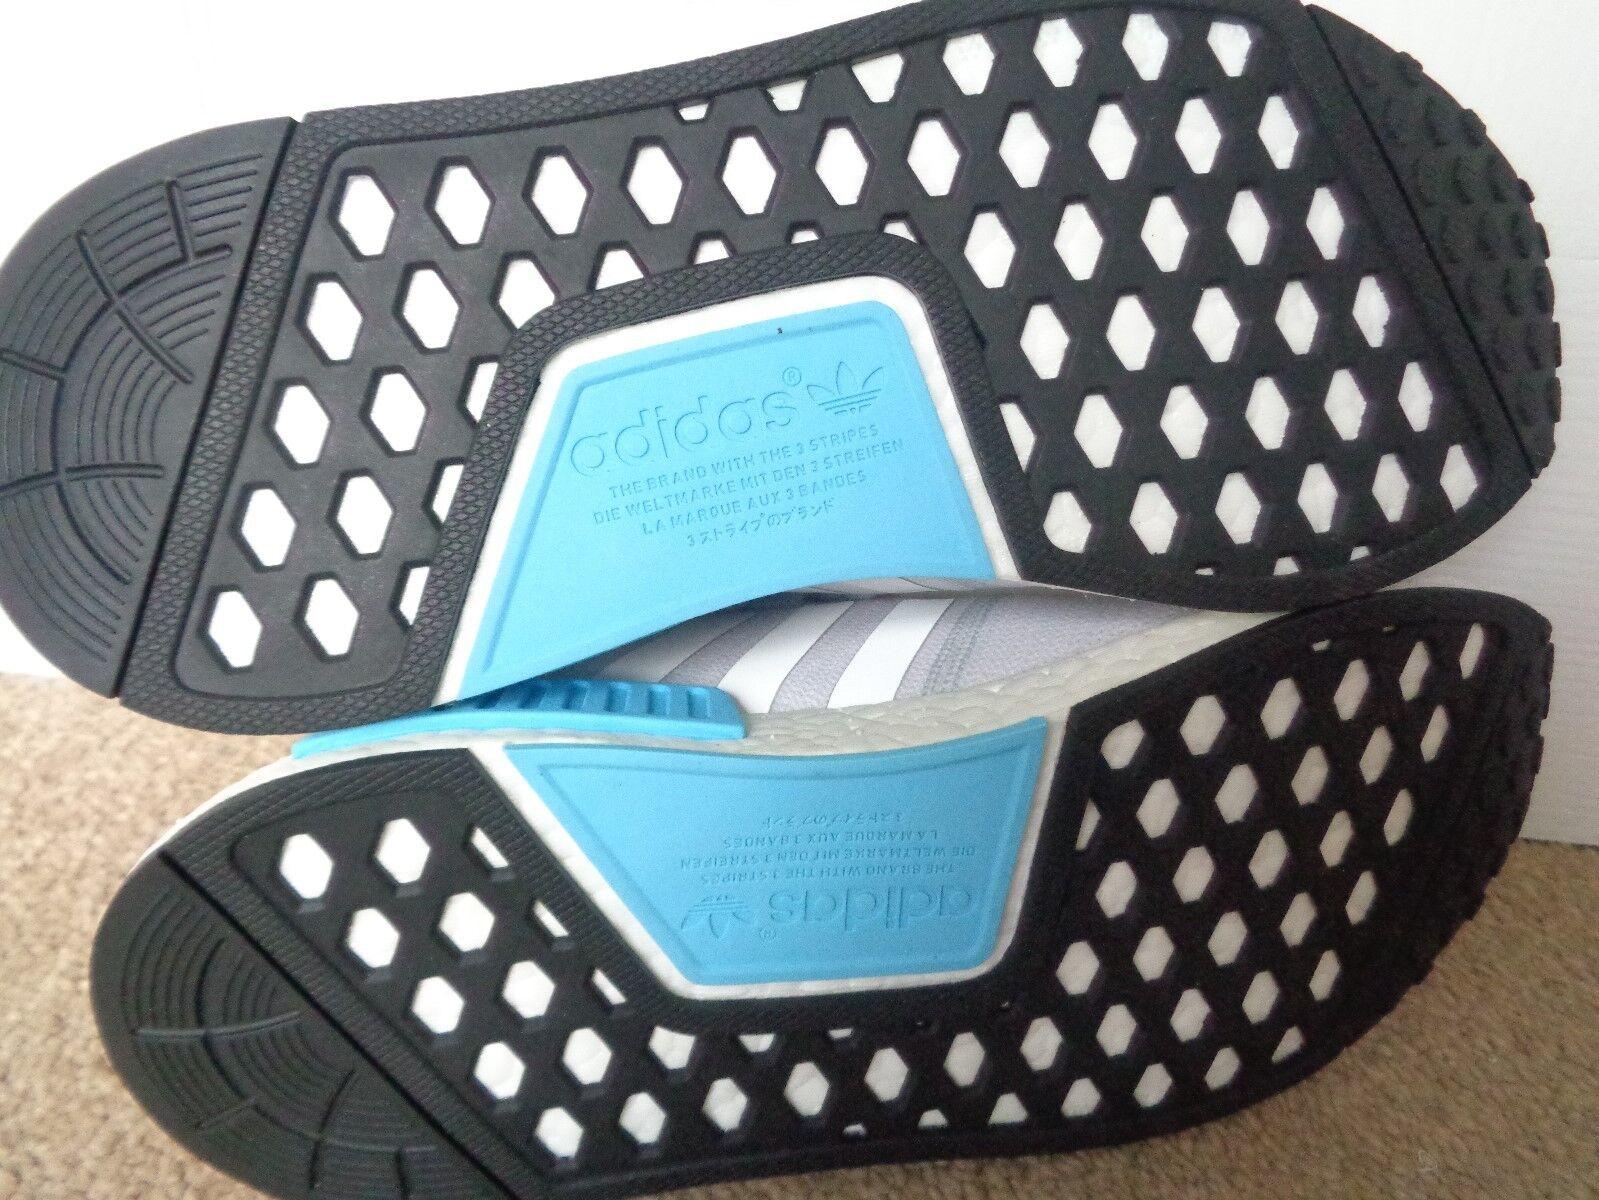 new product fc385 6194b ... Adidas originals originals originals NMD R1 trainers sneakers S31511 eu  40 us 7 NEW+BOX e8dbb5. Skip to content. menu. Nike Air Max PENNY V 5 ...